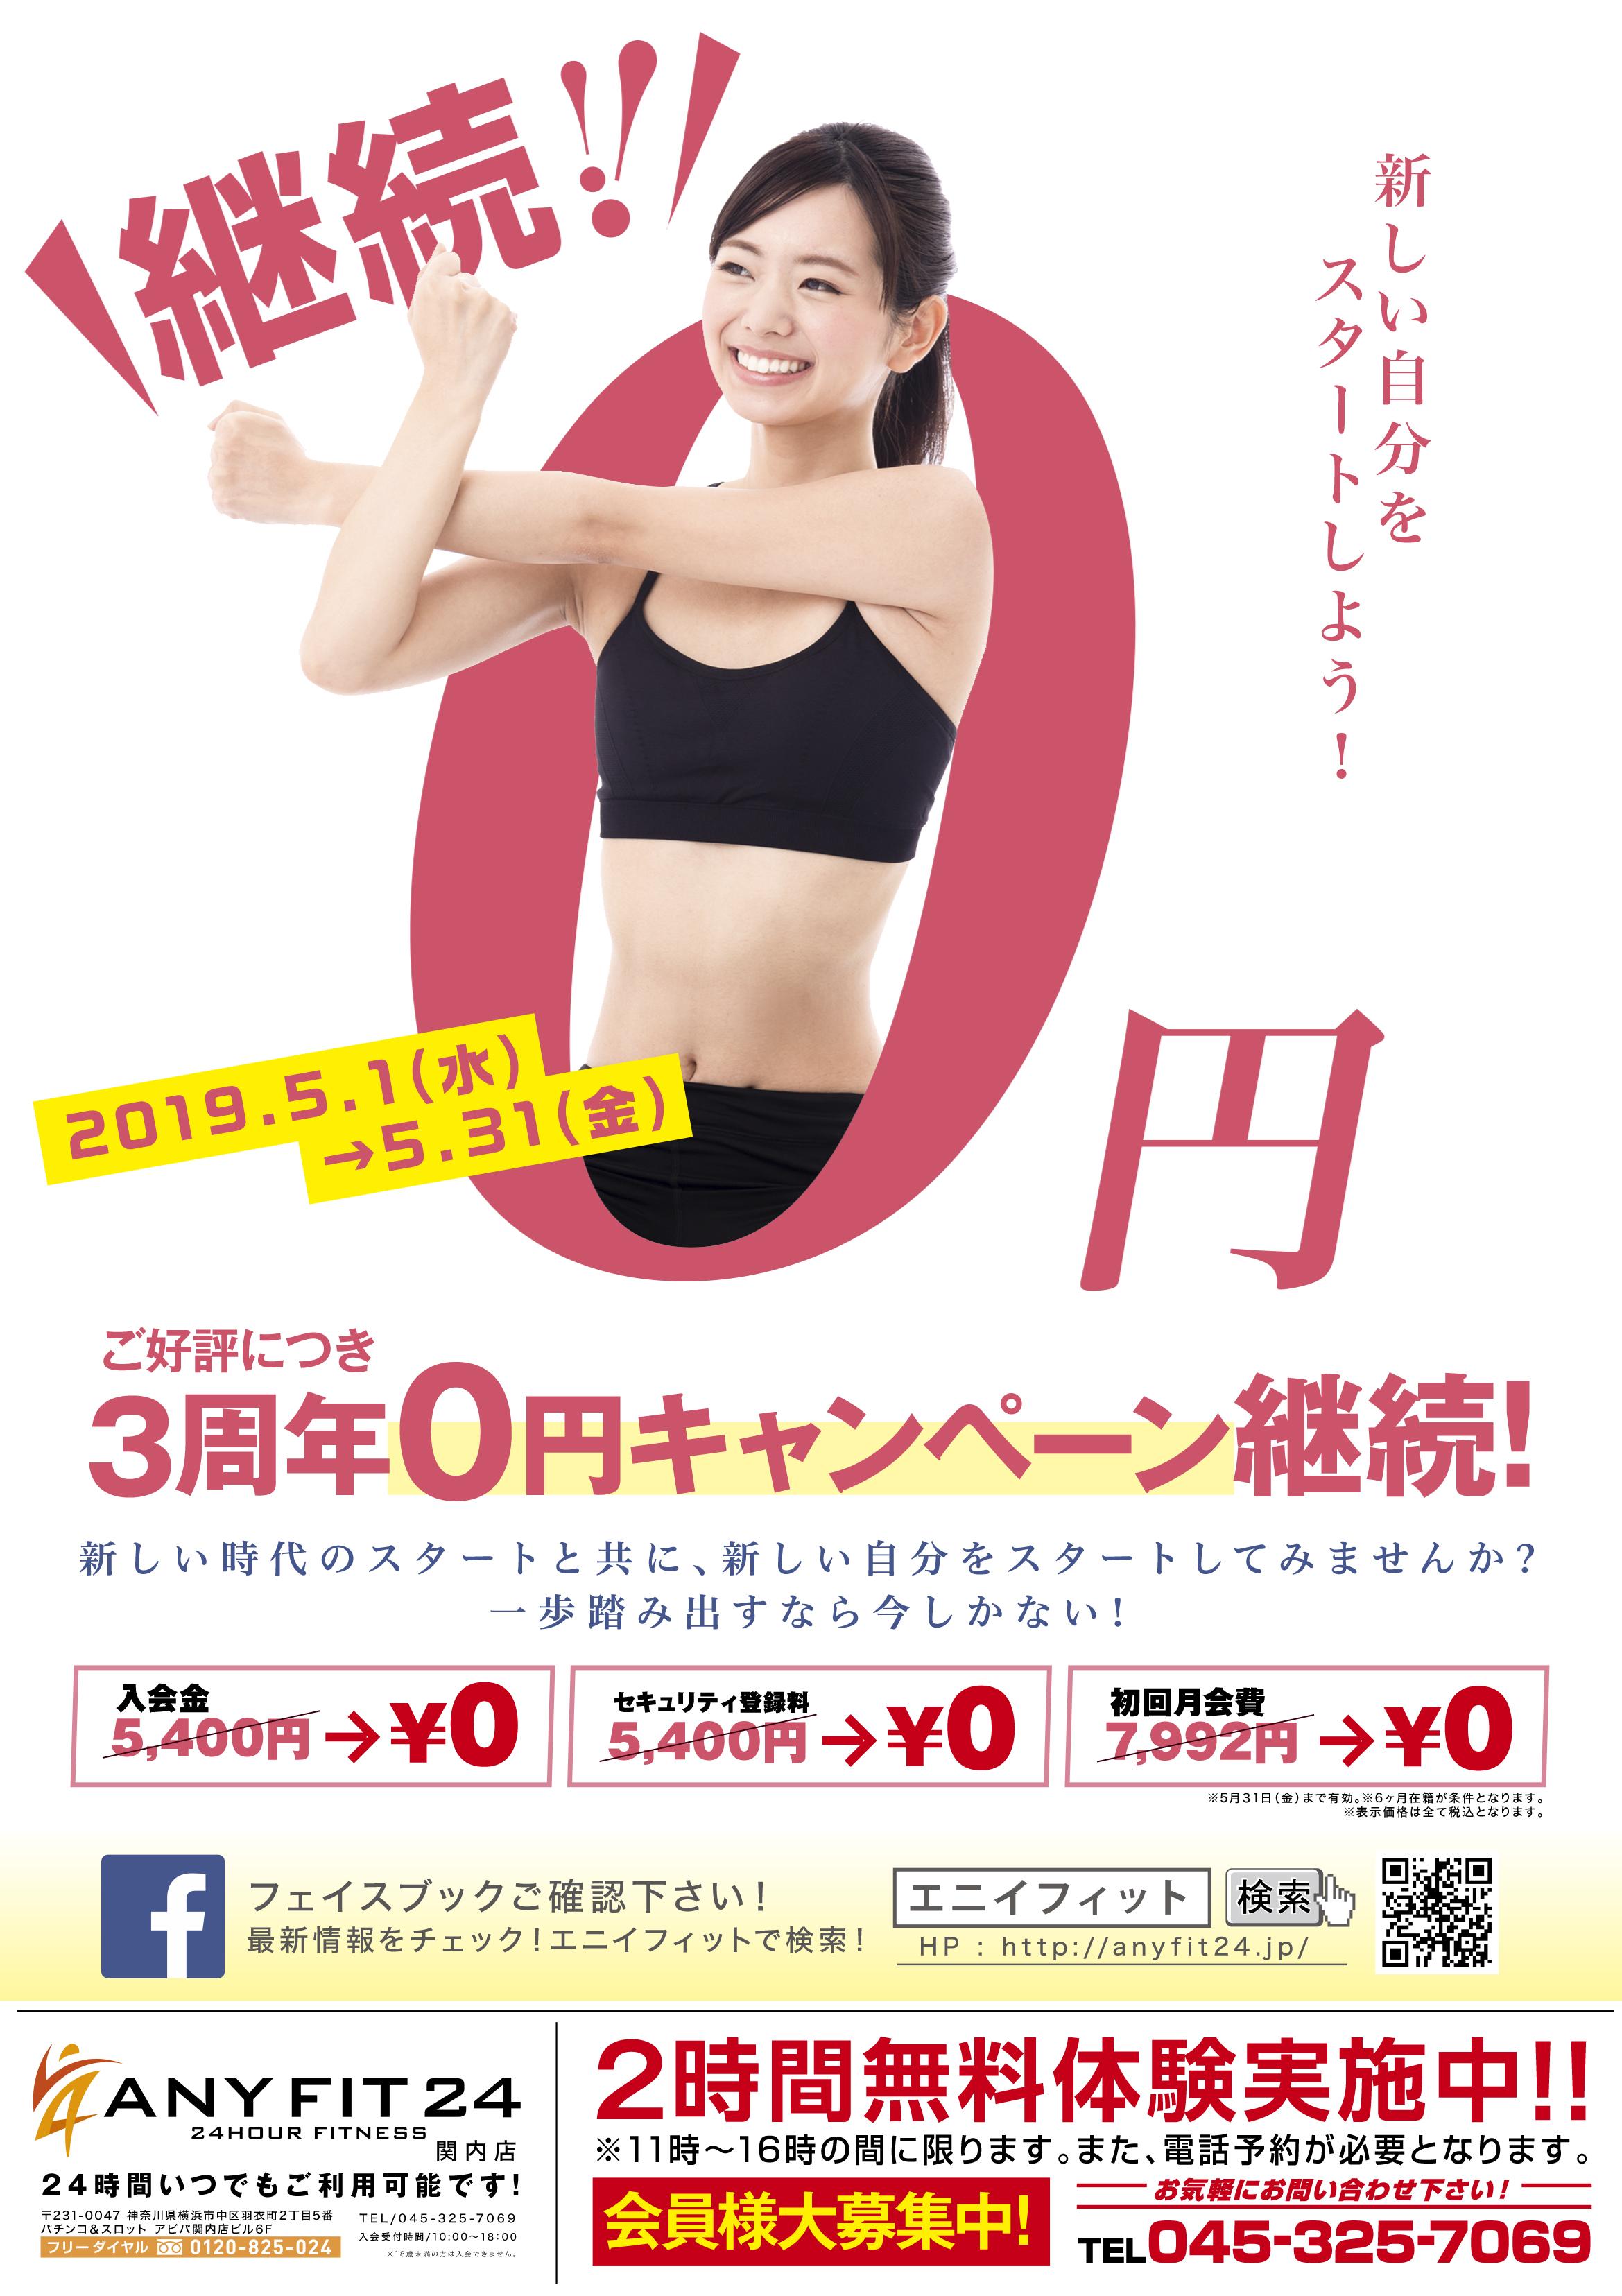 【関内店】ご好評につき!3周年キャンペーン継続決定!